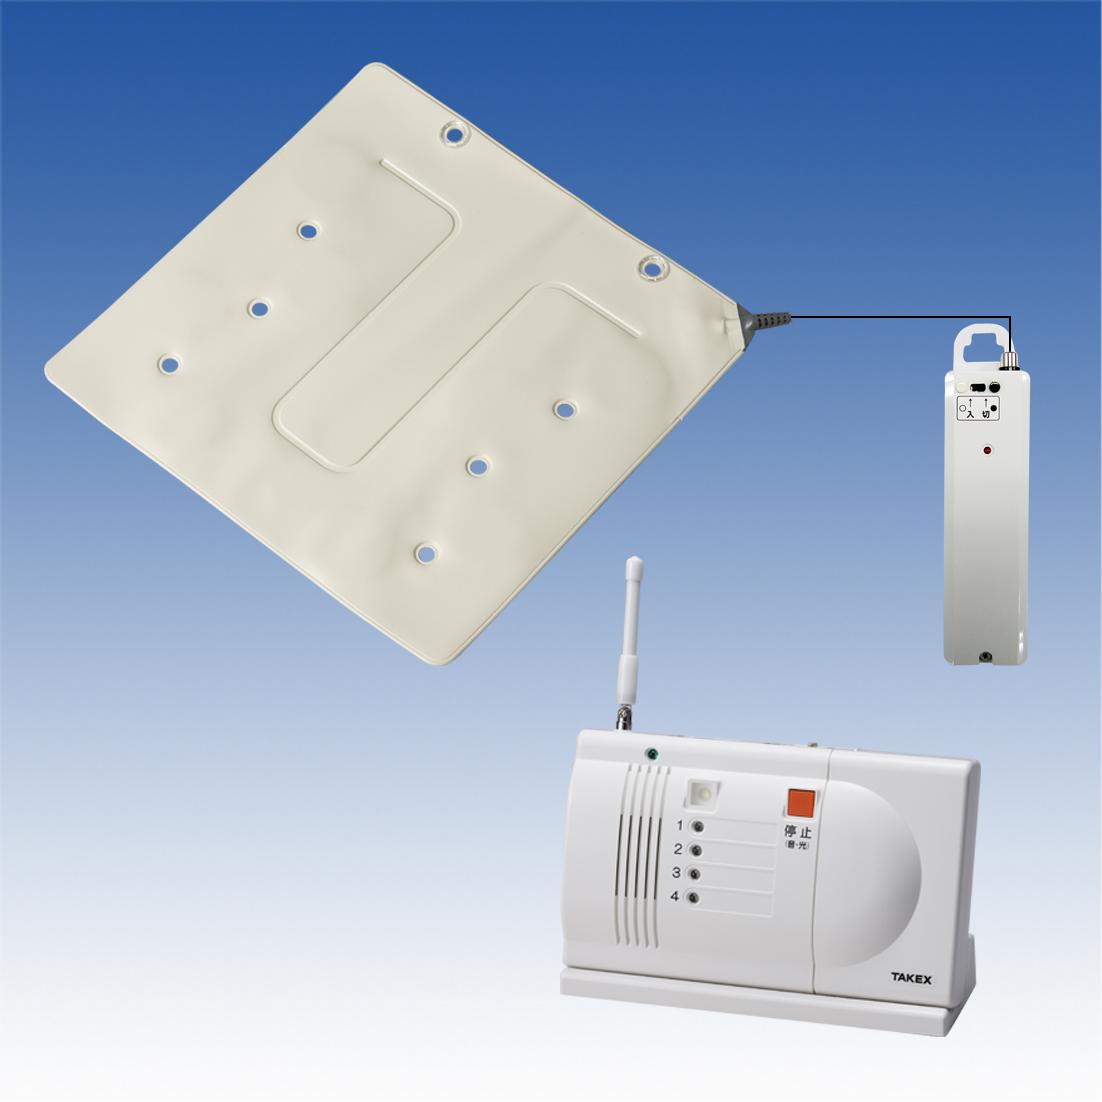 徘徊お知らせたつおくん(卓上型セット) HS-WK(T) 離床・徘徊センサー 簡単設置・置き場所自由